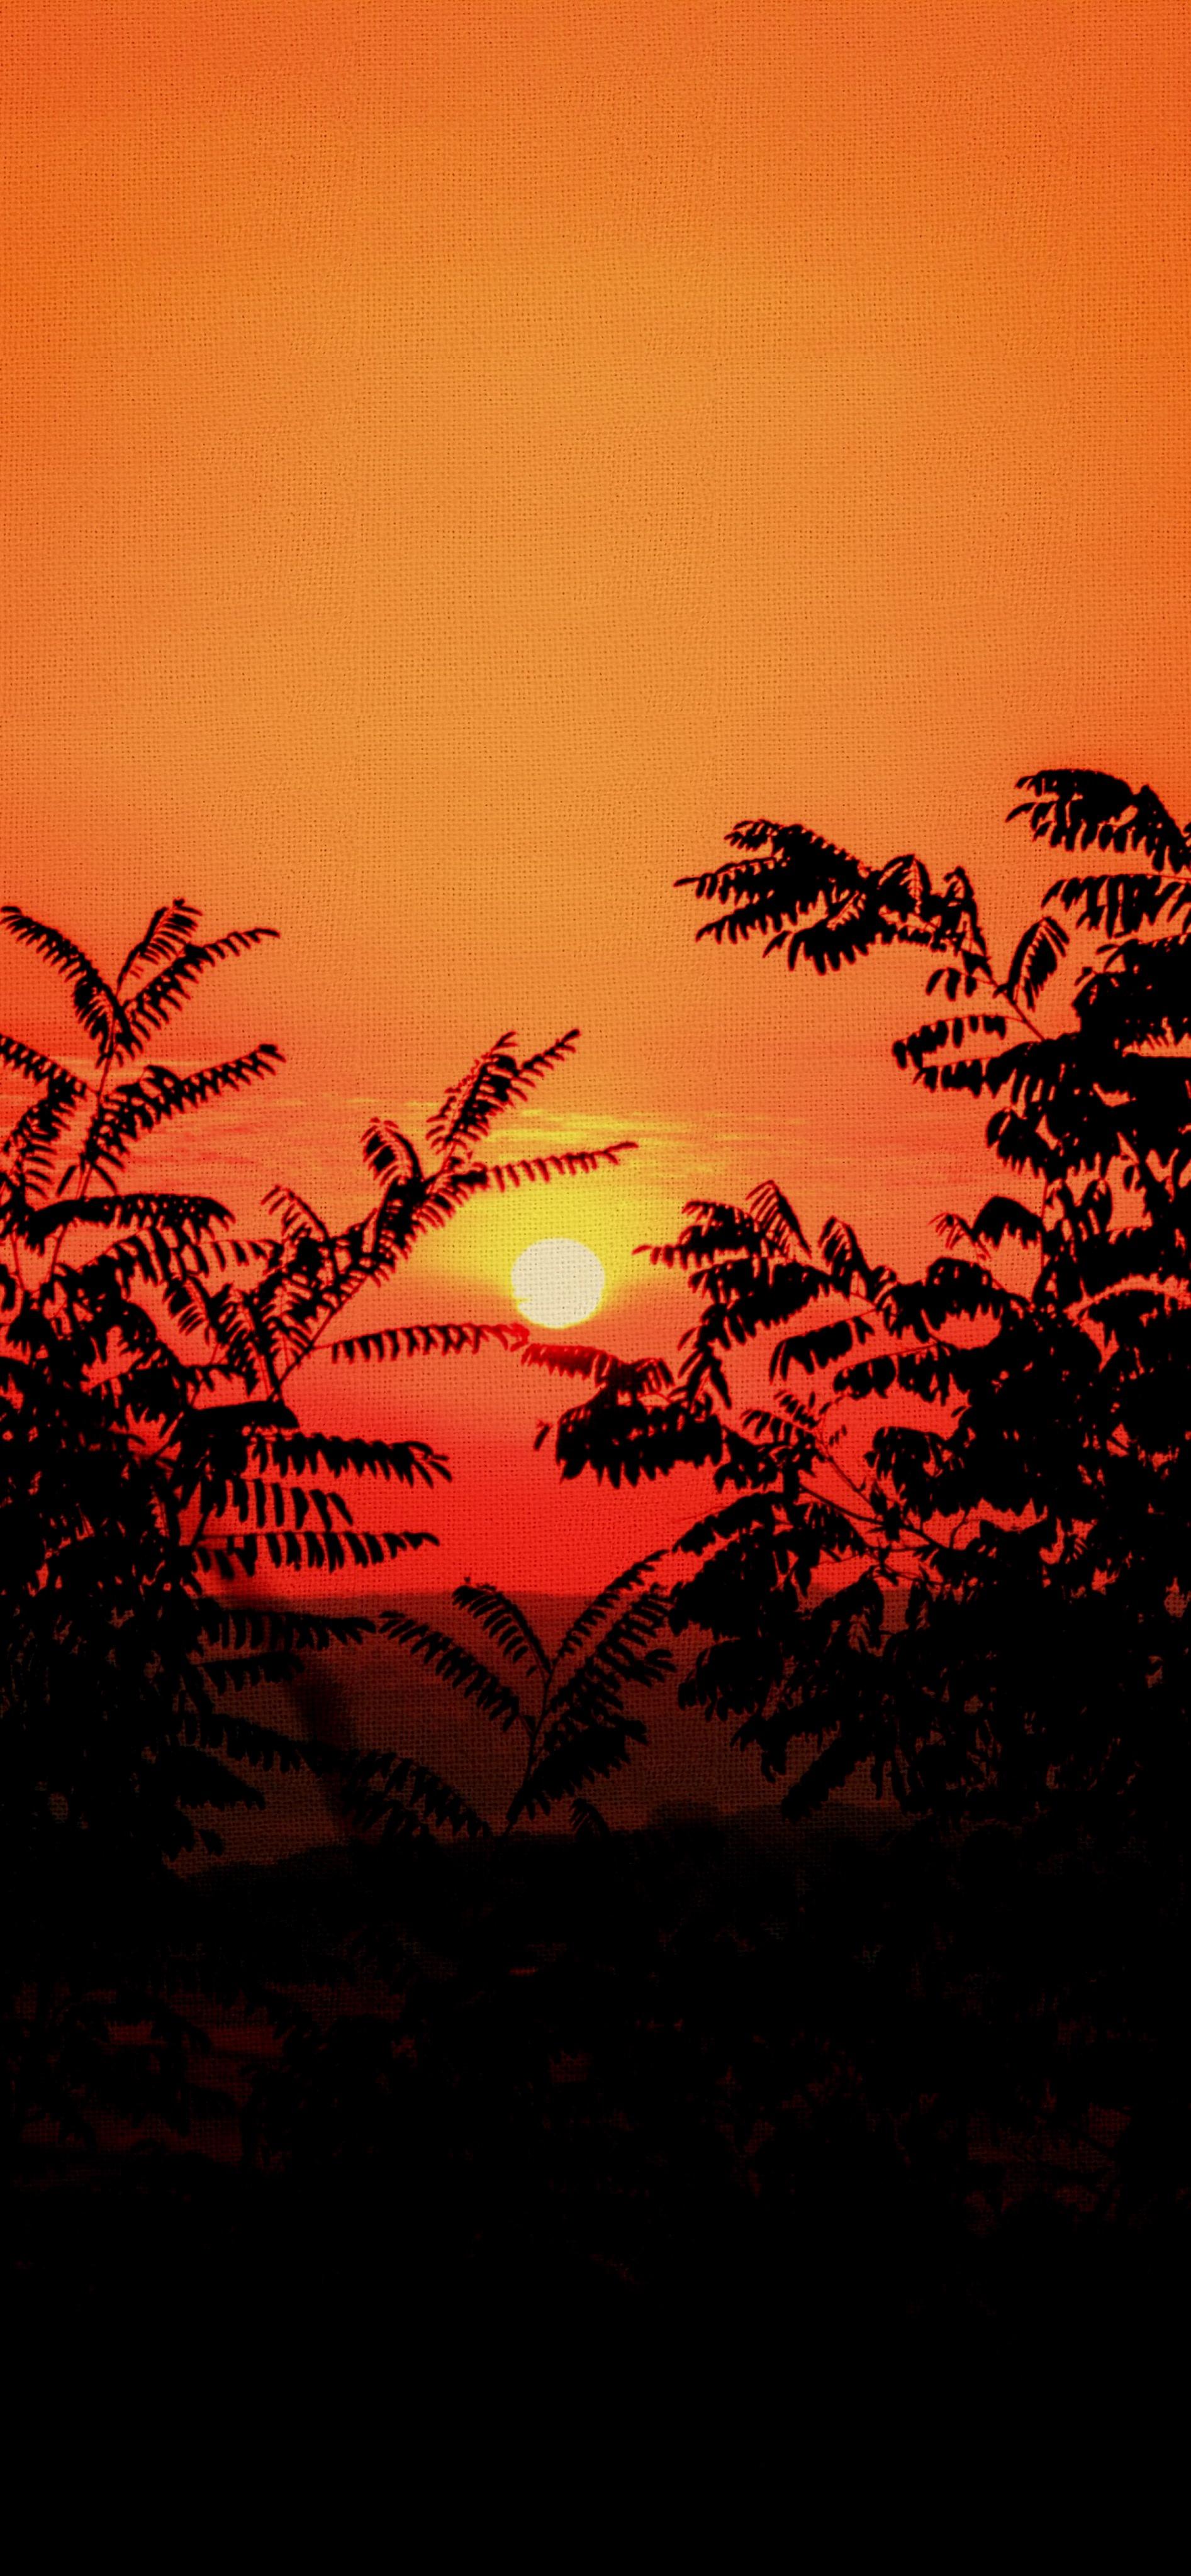 canvas vector iphone wallpaper jianoliu idownloadblog sunset